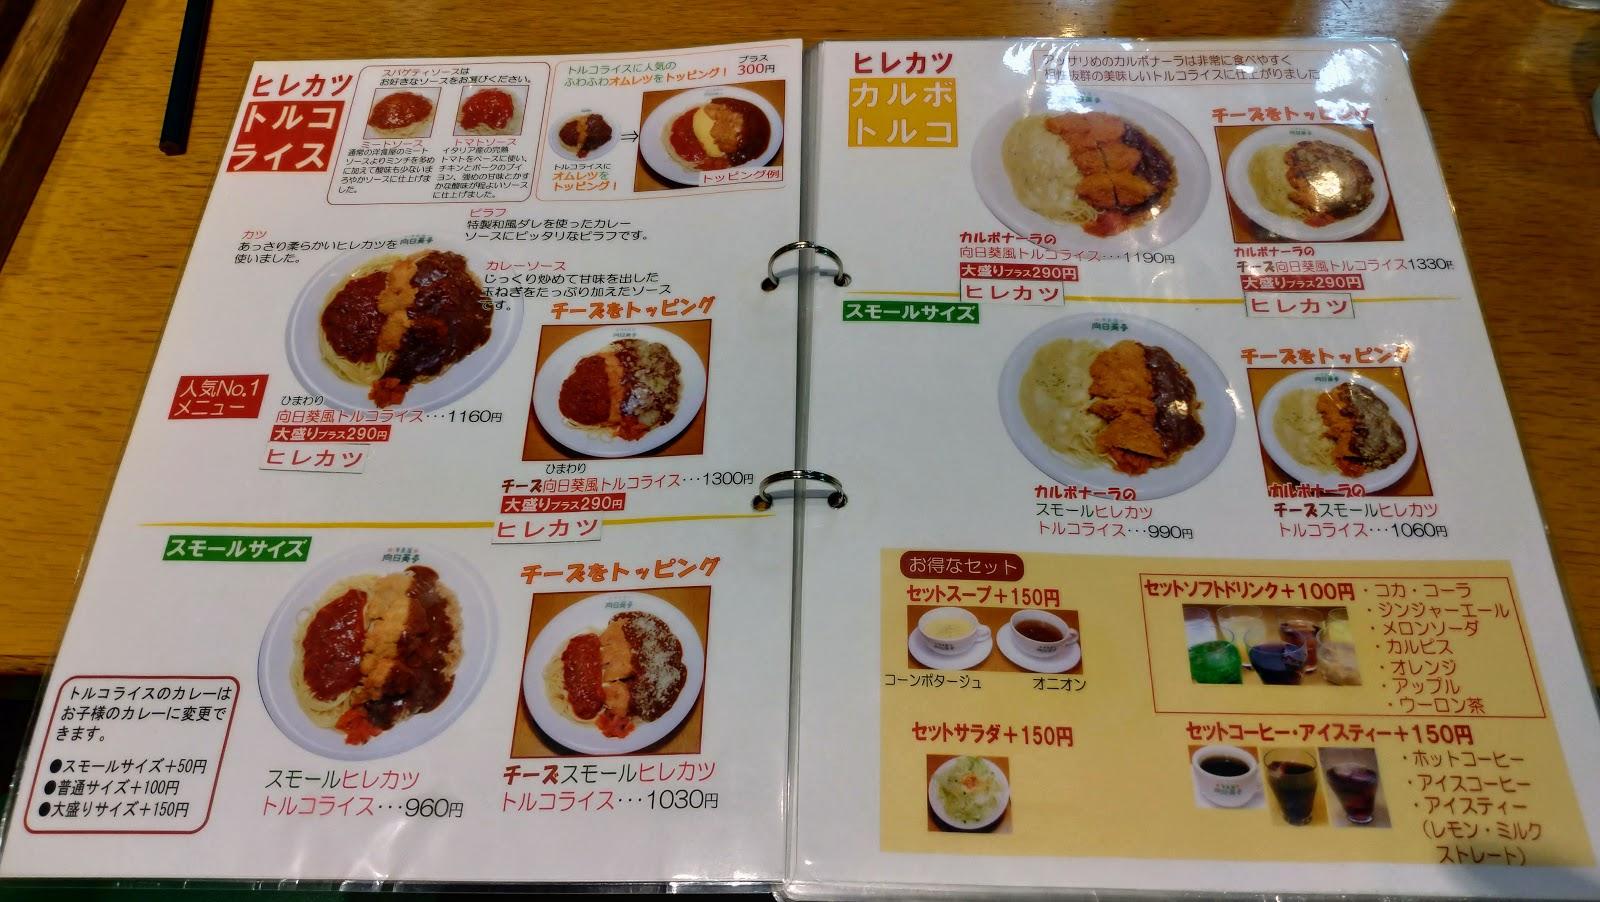 ヒレカツトルコライス 長崎市京泊「向日葵亭」ダントツ人気のトルコライスを食べに行ってきました!